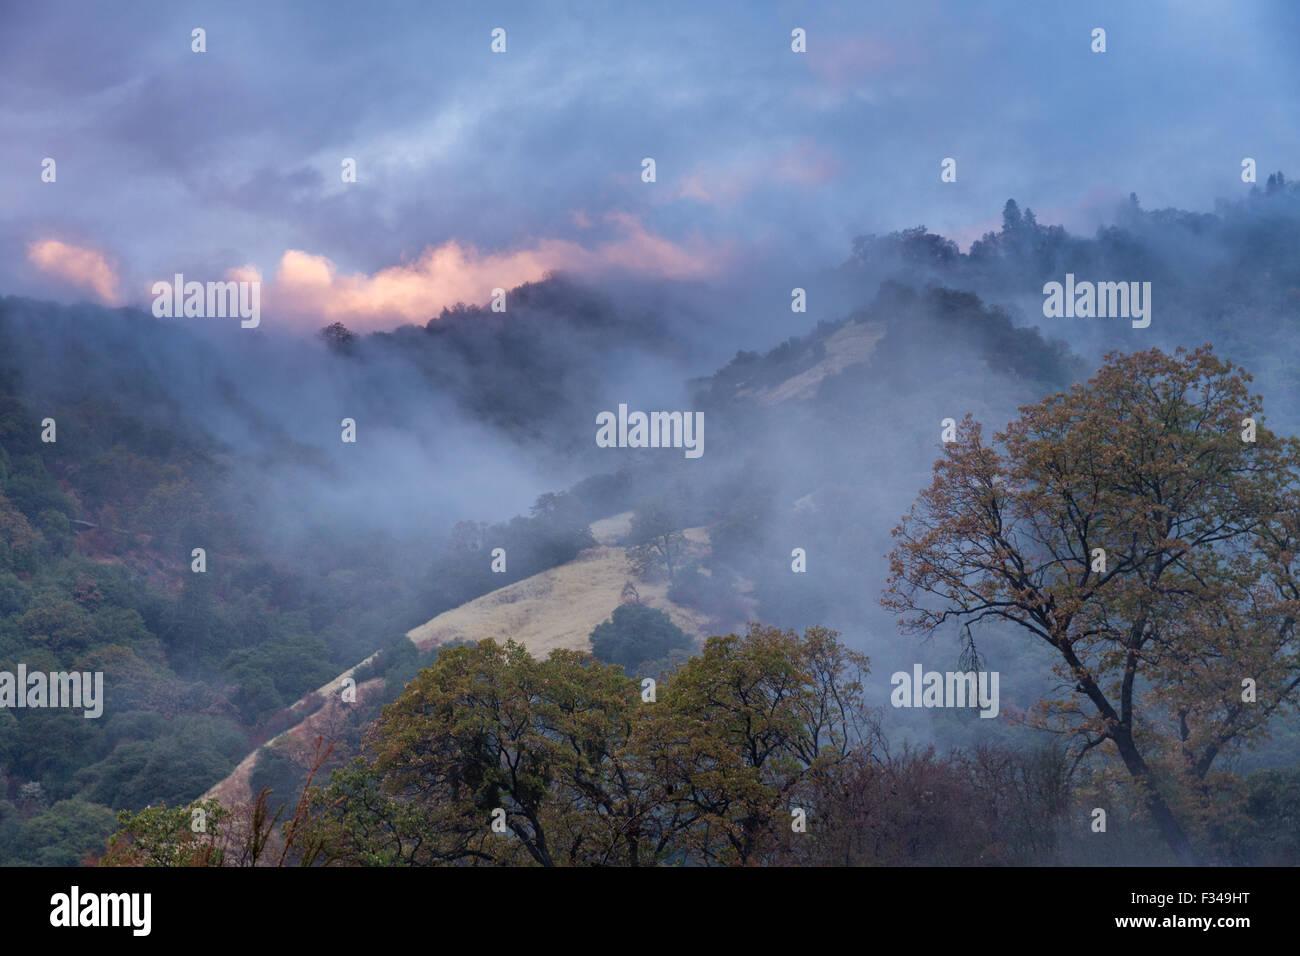 Niebla después de una ducha de lluvia en el valle Kaweah, Sequoia National Park, California, EE.UU. Imagen De Stock